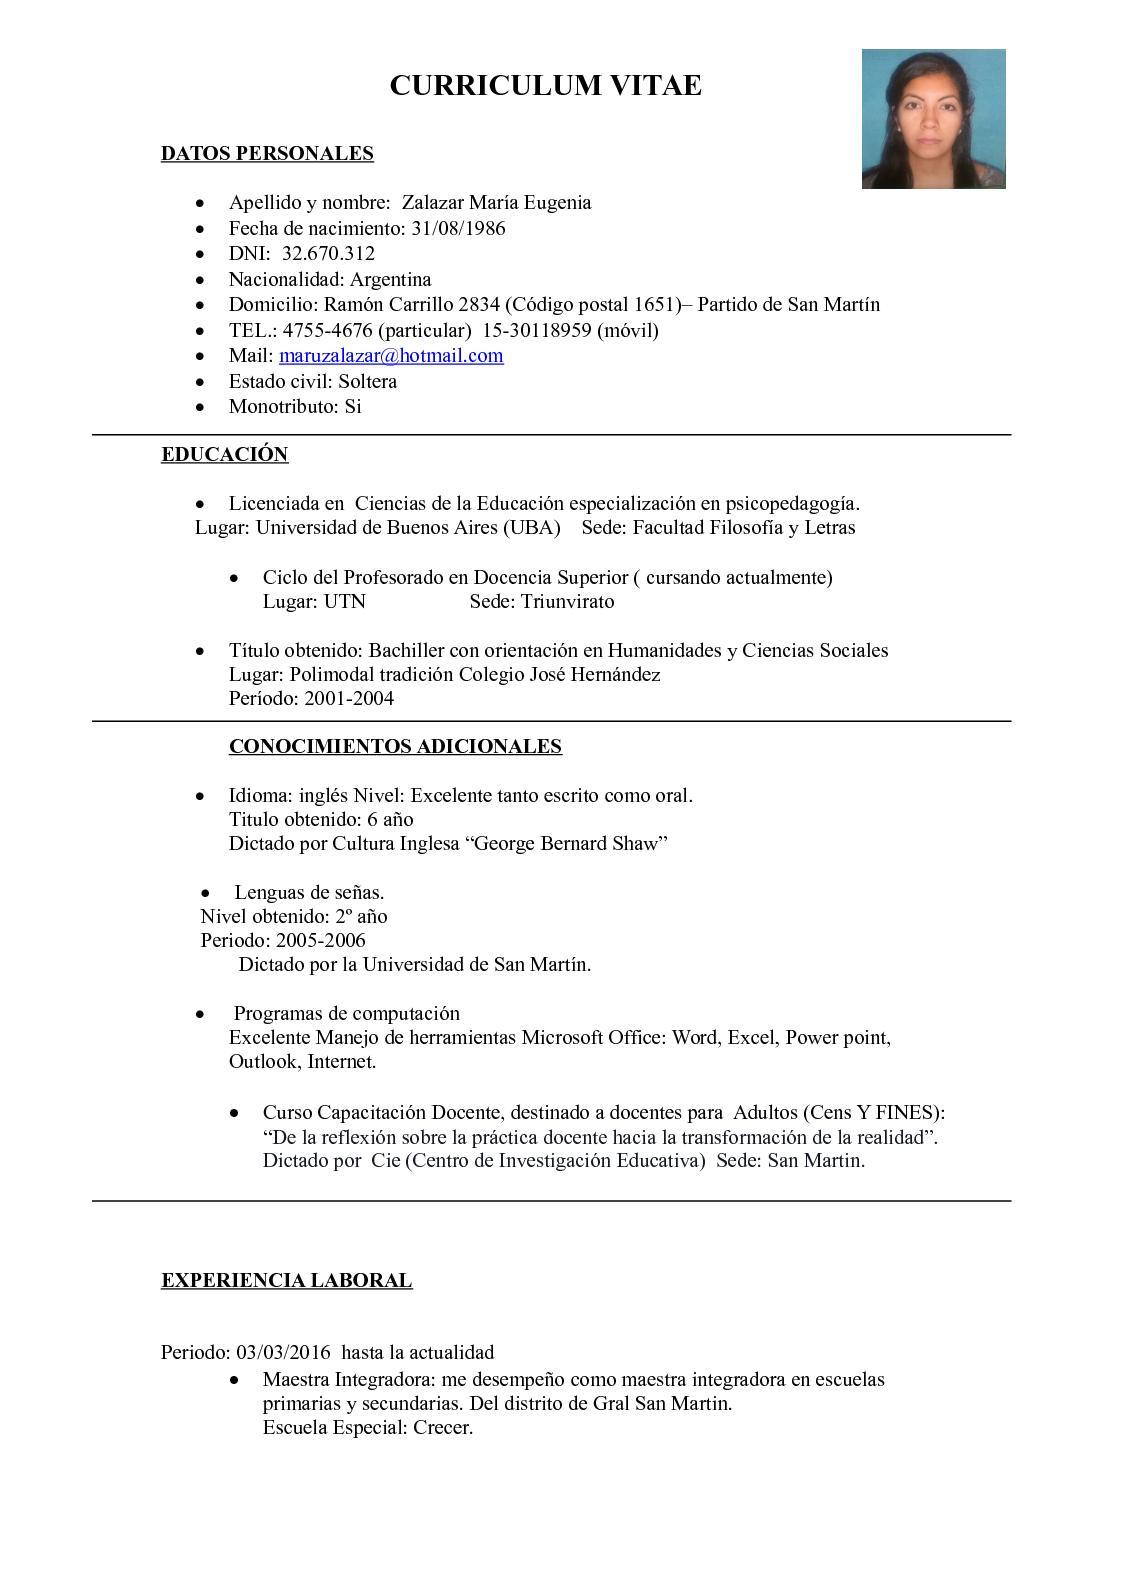 Calaméo - CV Zalazar M. Eugenia Desarrollo Social